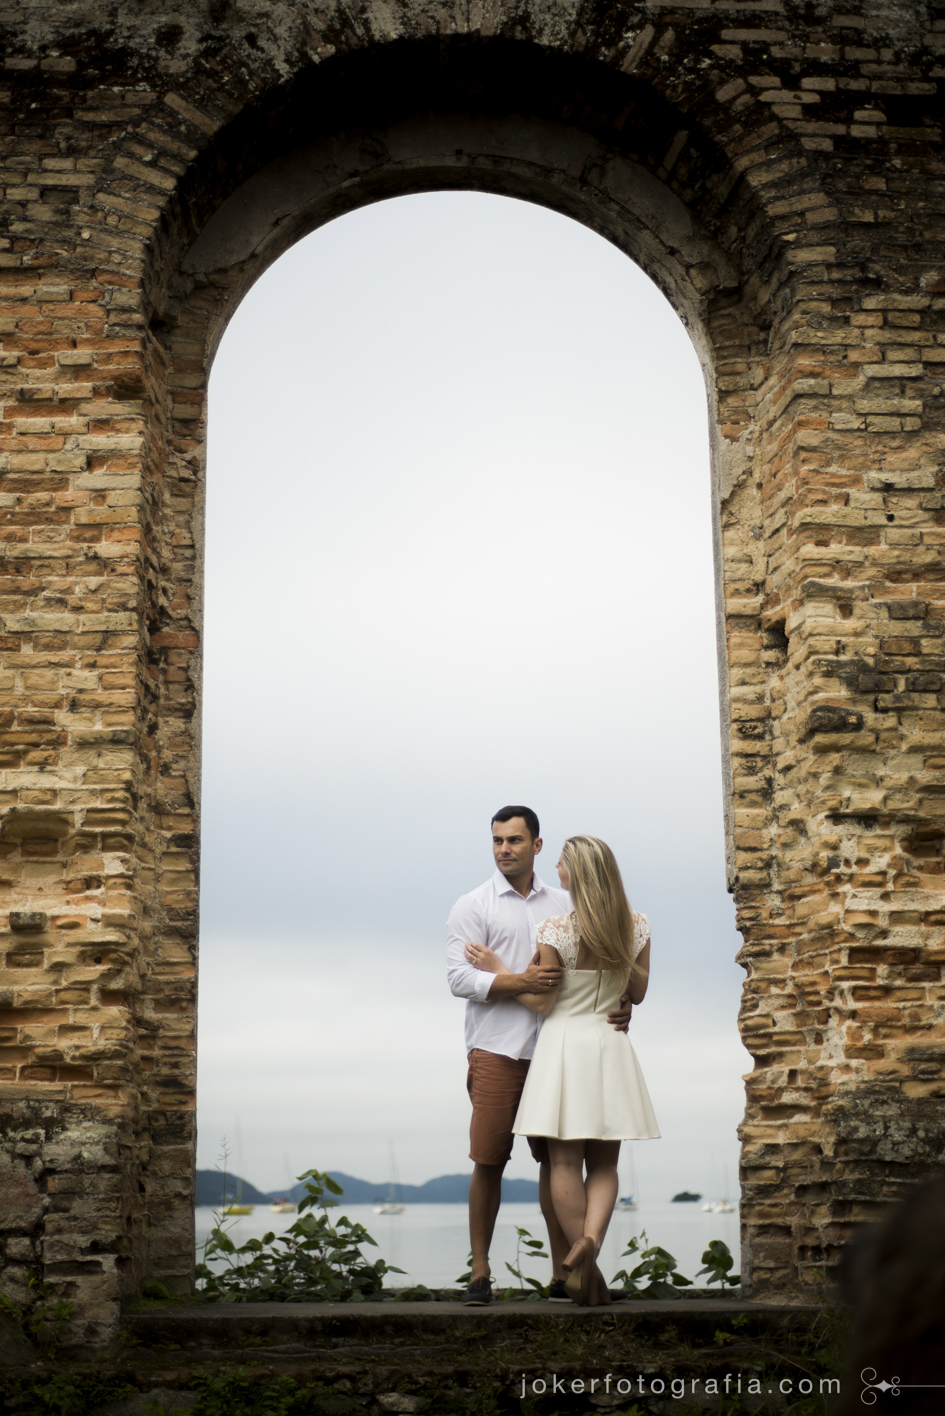 ruinas de antonina em ensaio fotográfico de casal